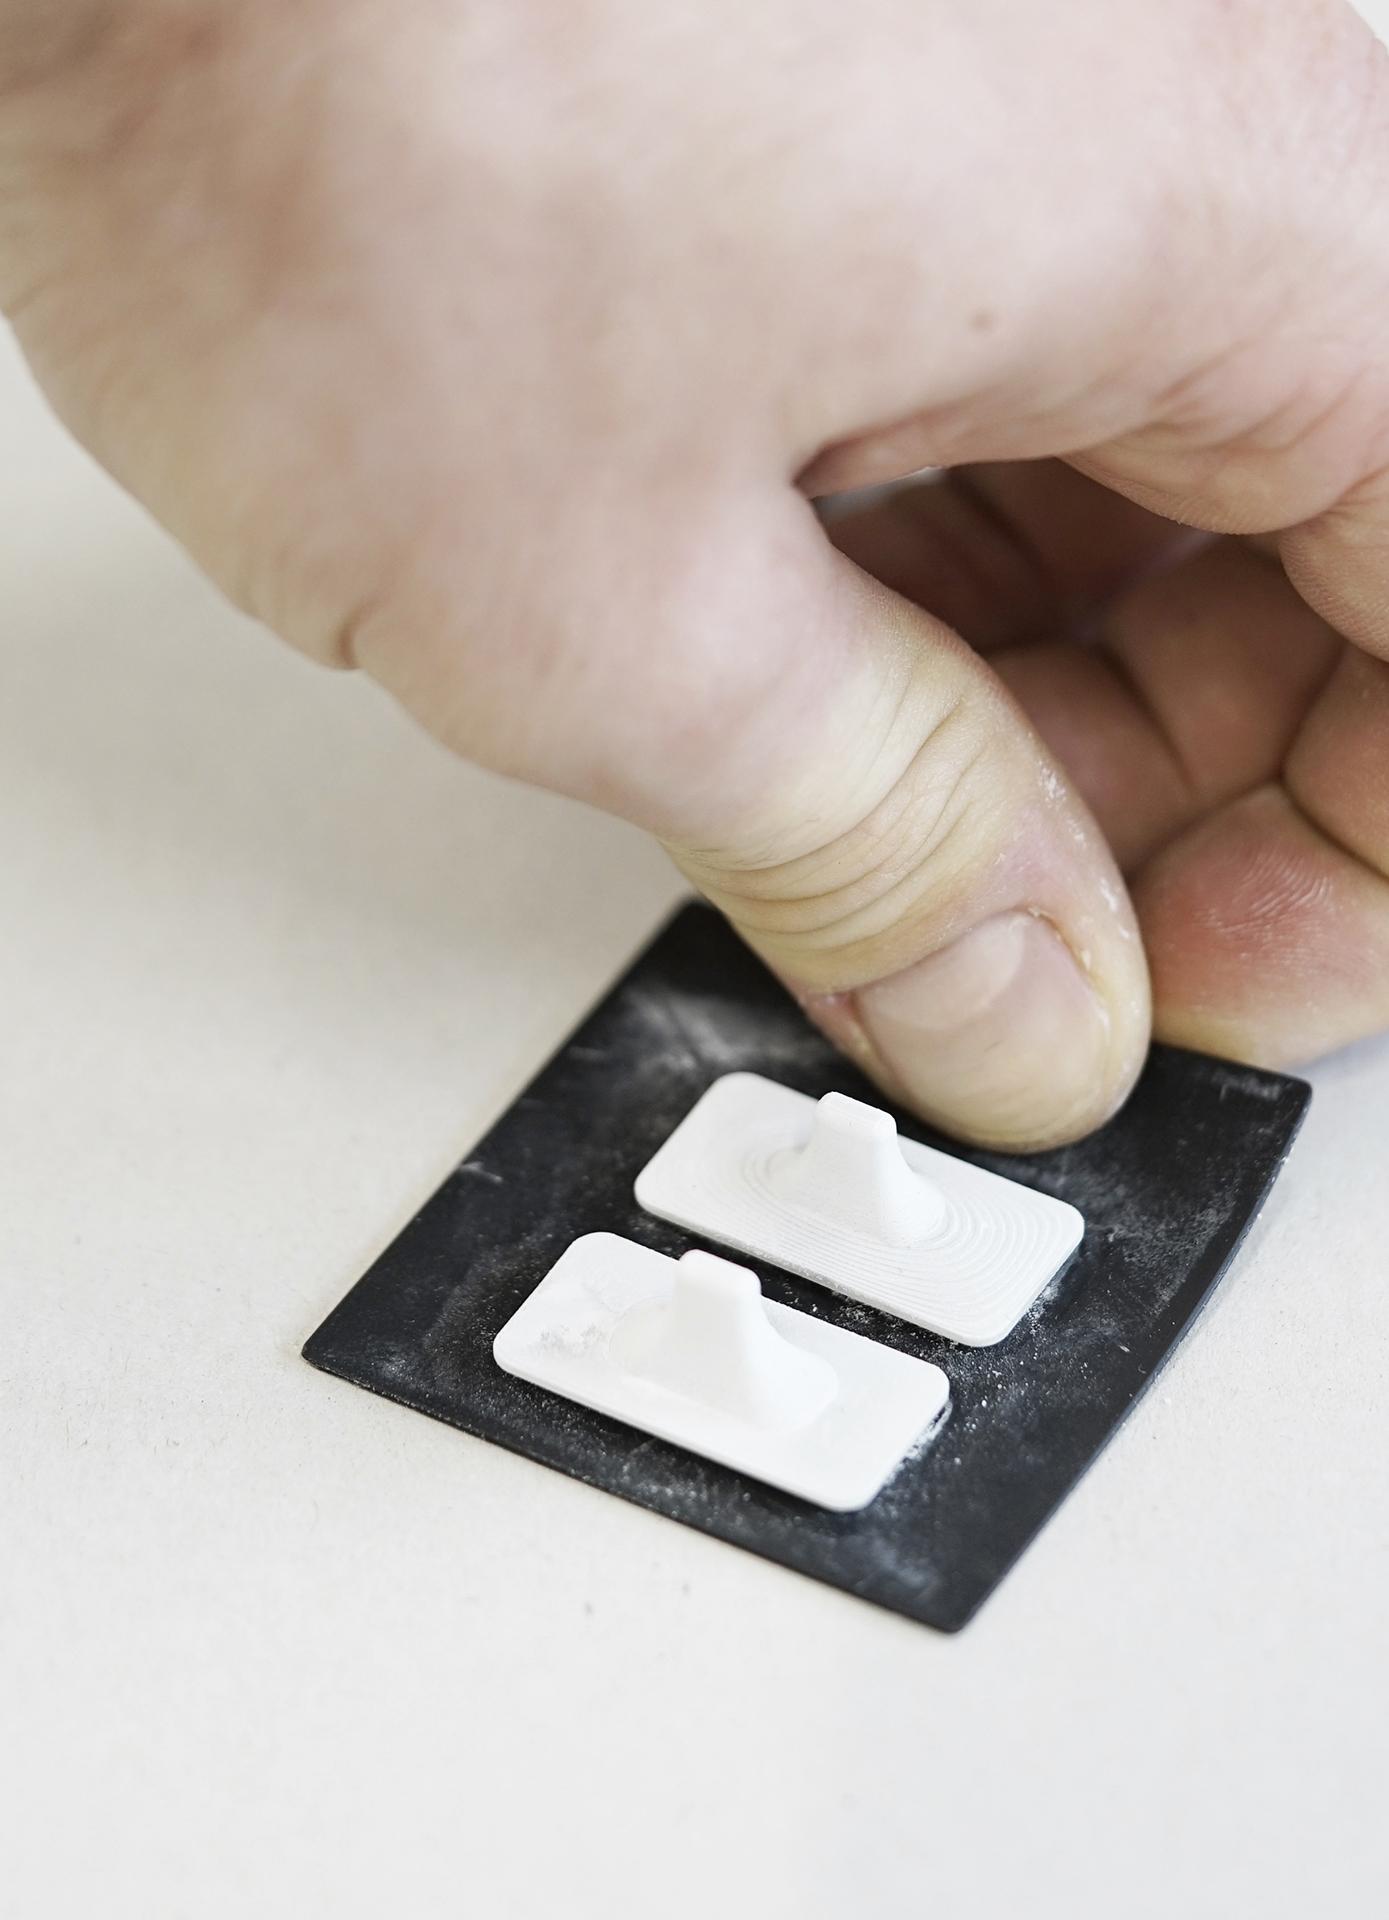 Erste vollständig gelungene 3D-Keramikdrucke, kleine flache Rechtecksform mit aufgesetztem Griffstück